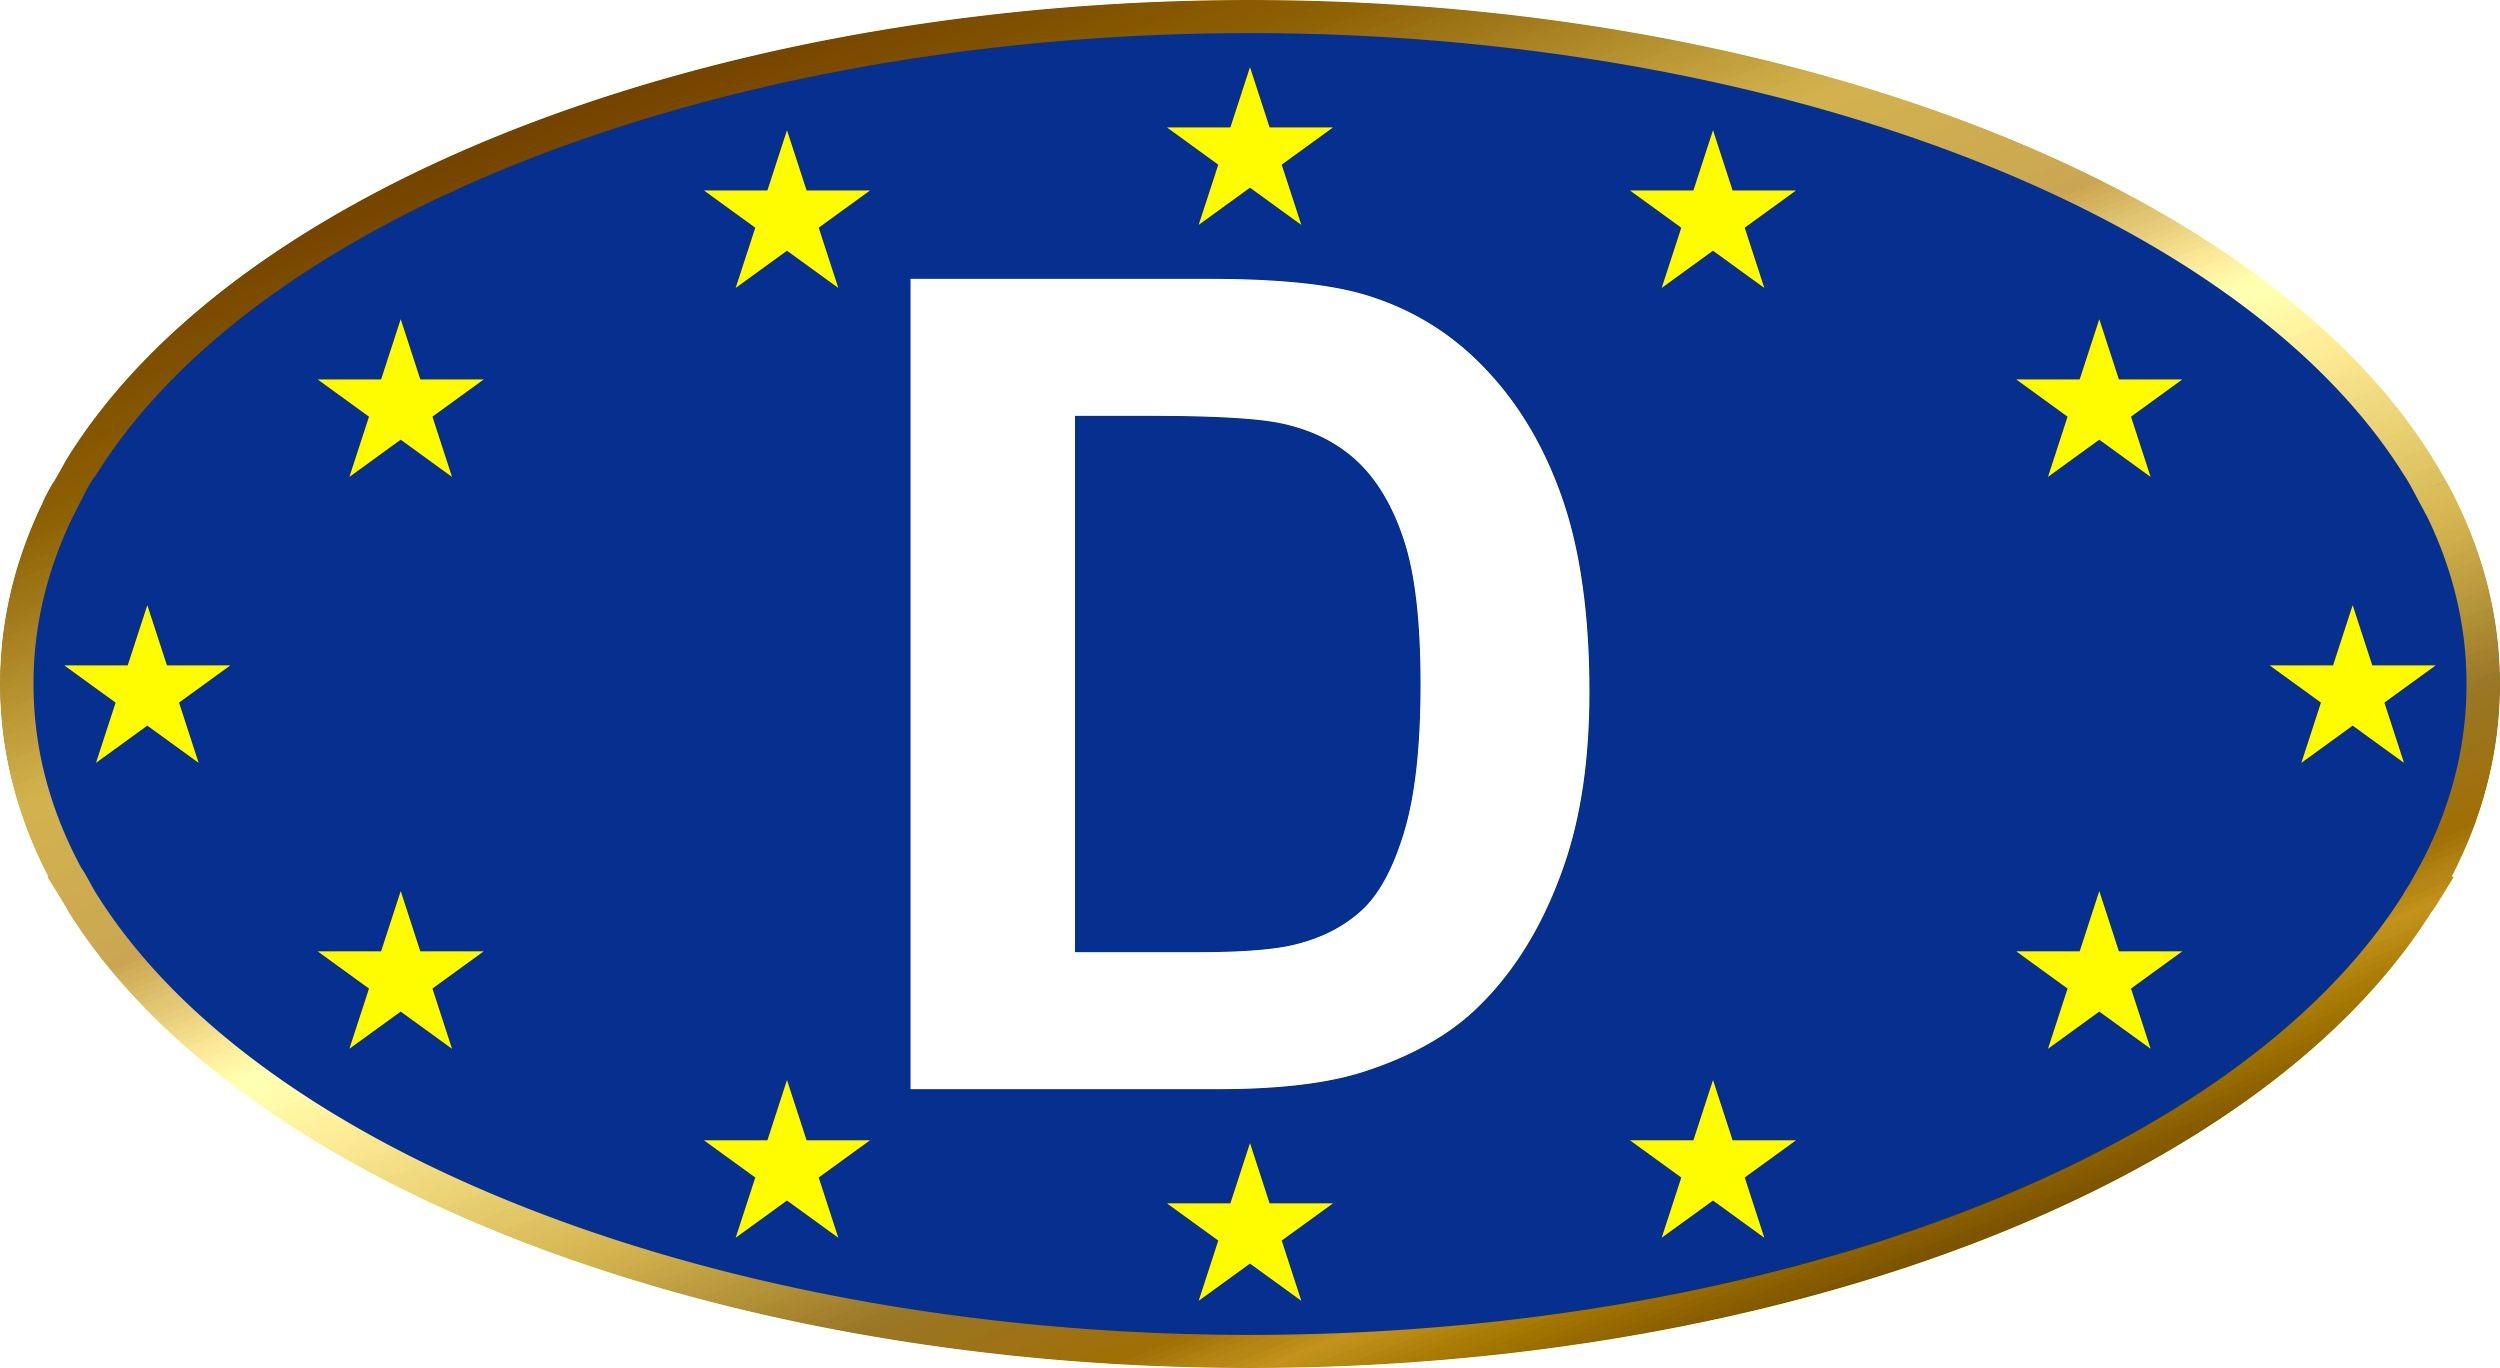 Aufkleber Europa-D Dimension 40 x 75 mm Deutschland Fanartikel  – Bild 1